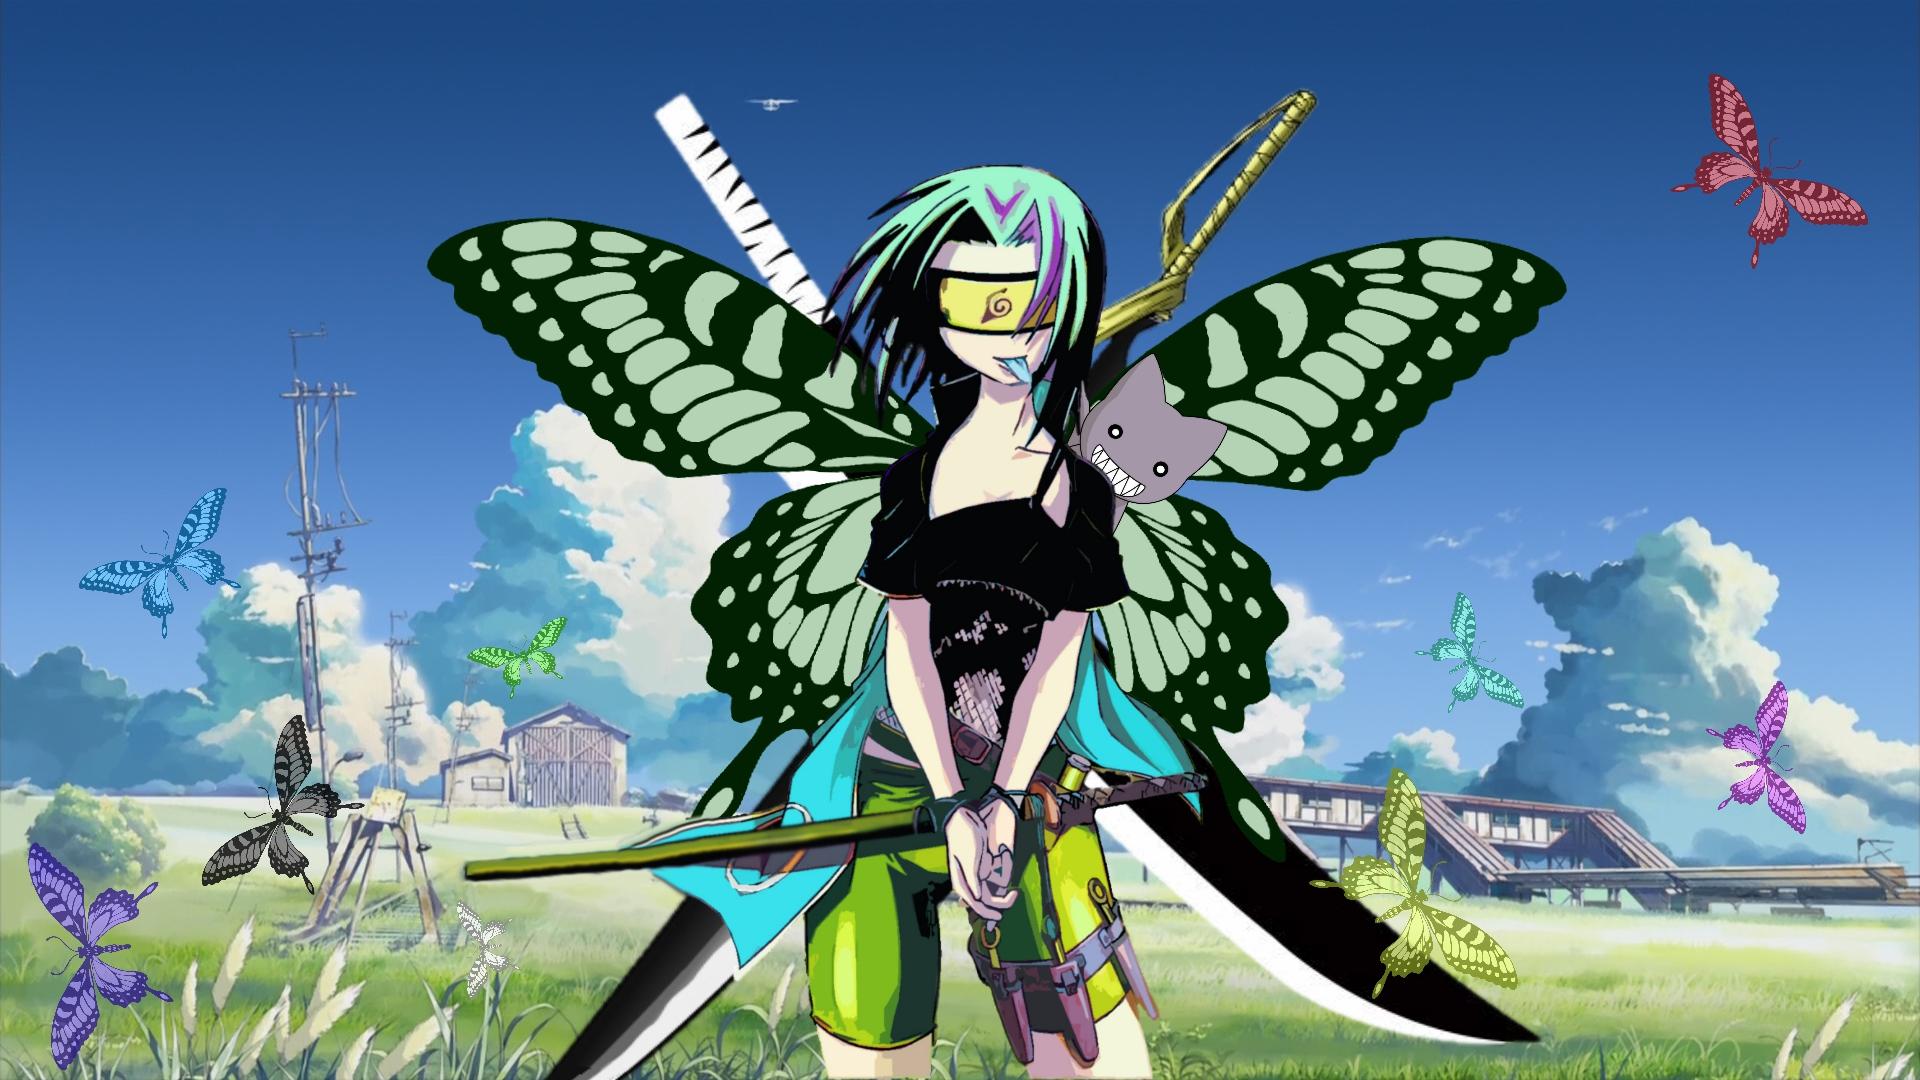 animal azumanga_daioh bleach busou_renkin butterfly cat haruno_sakura katana kumo_no_mukou_yakusoku_no_basho naruto ninja sword tasaka_shinnosuke third-party_edit vector weapon